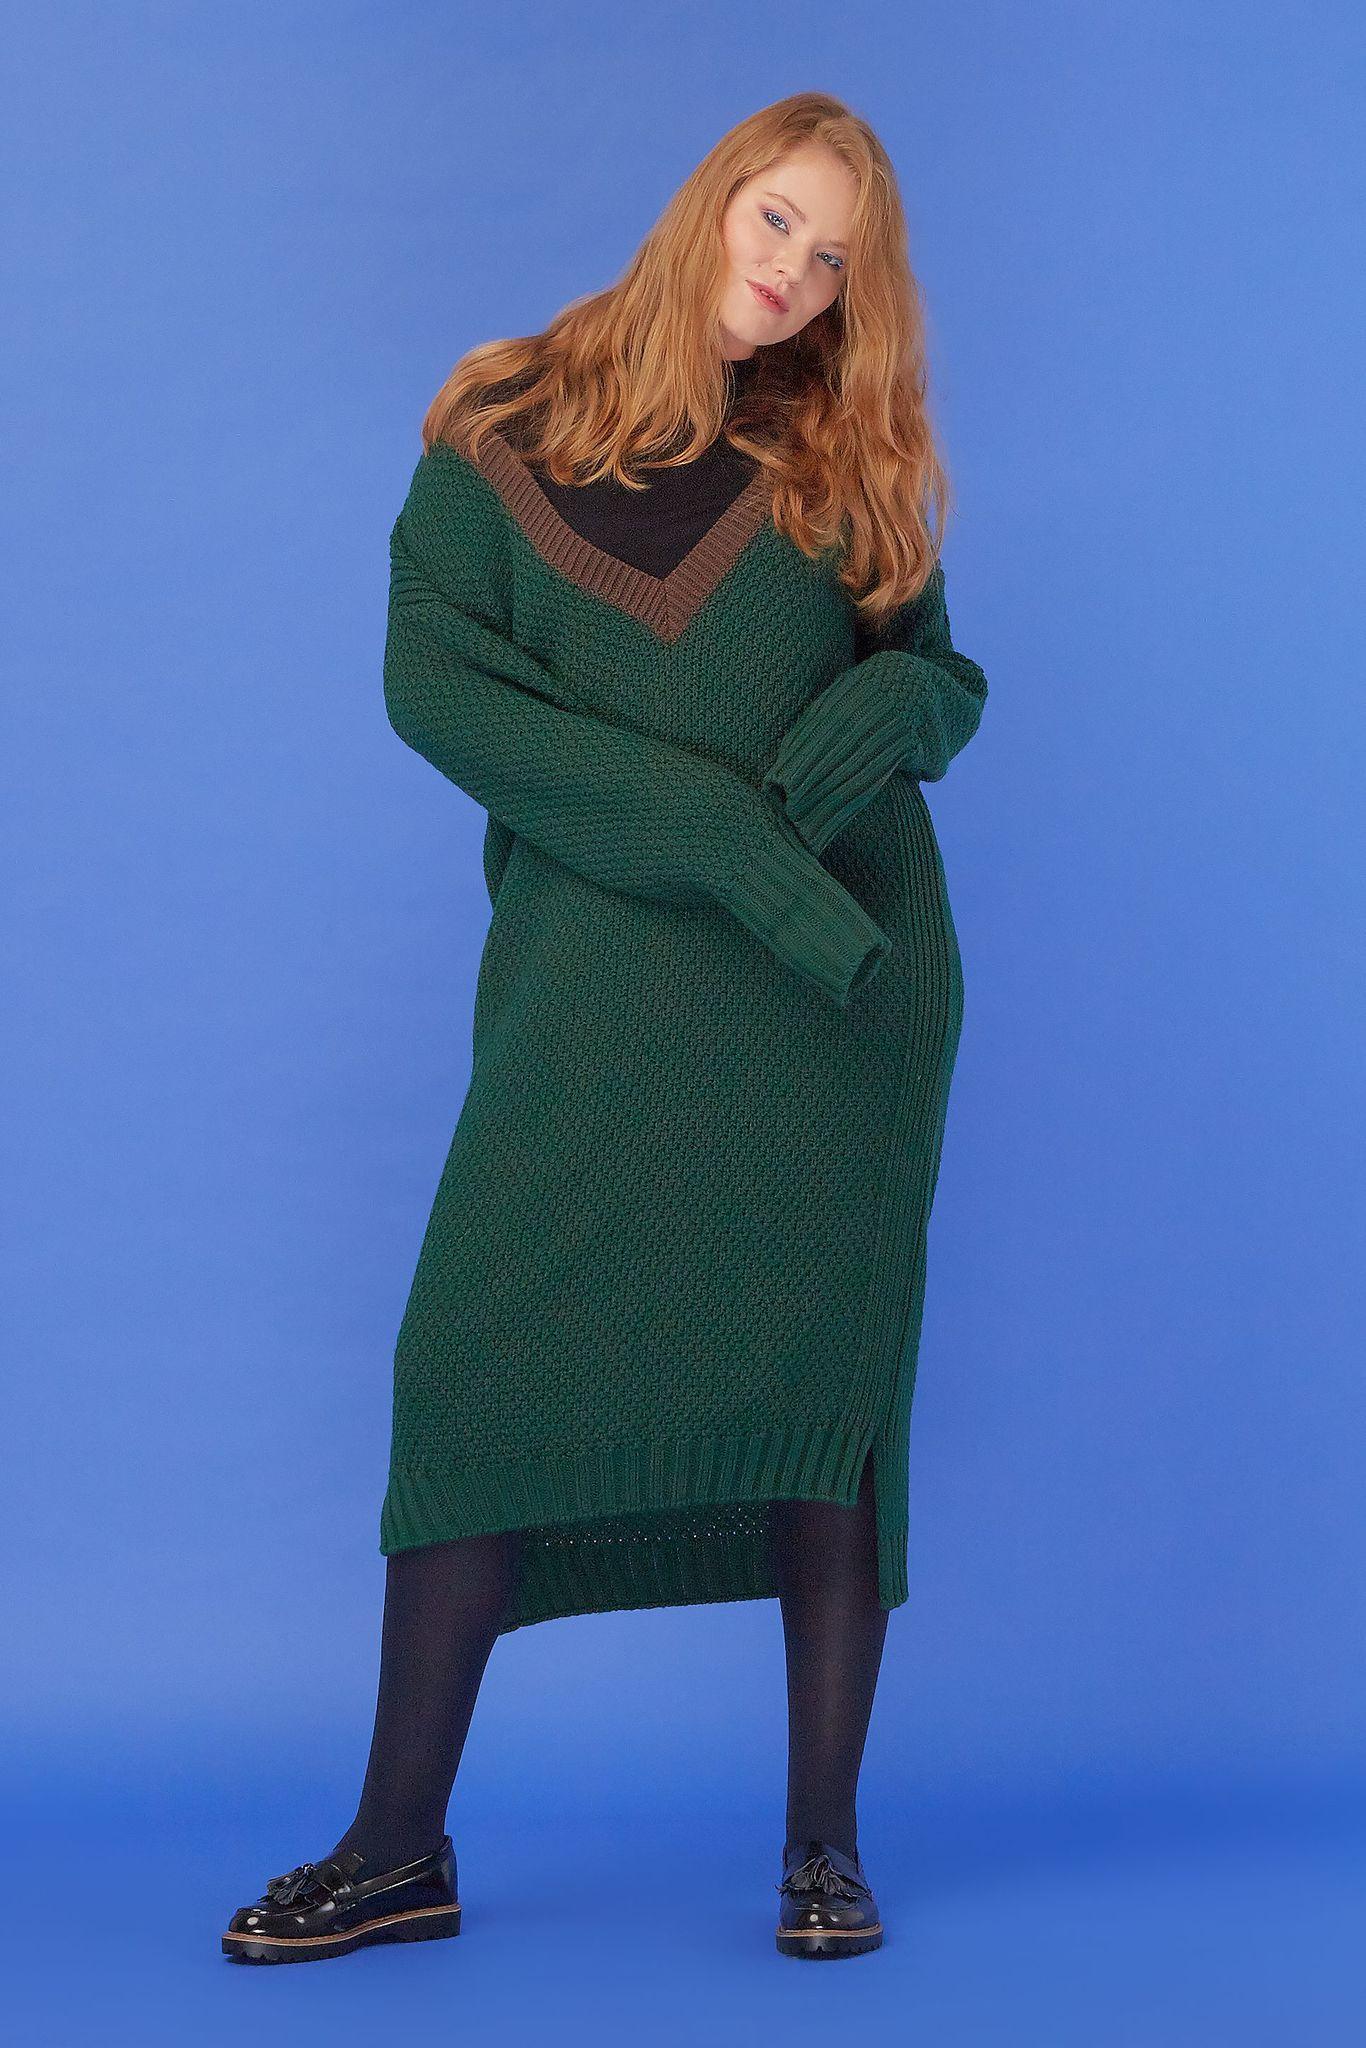 Вязаное платье LE-08 D02 34 KСейчас покупают<br>Чем обязательно нужно пополнить гардероб в преддверии наступающих холодов? Конечно, вязаными вещами. И у нас для вас есть кое-что необычное! А именно — это платье. Крупная вязка, контрастные цвета, крупный V-образный вырез -  посмотрите, как здорово сочетается зеленый и коричневый. Слегка удлинённые рукава, свободно в плечах.Рост модели на фото 179 см, размер - 52 российский<br>